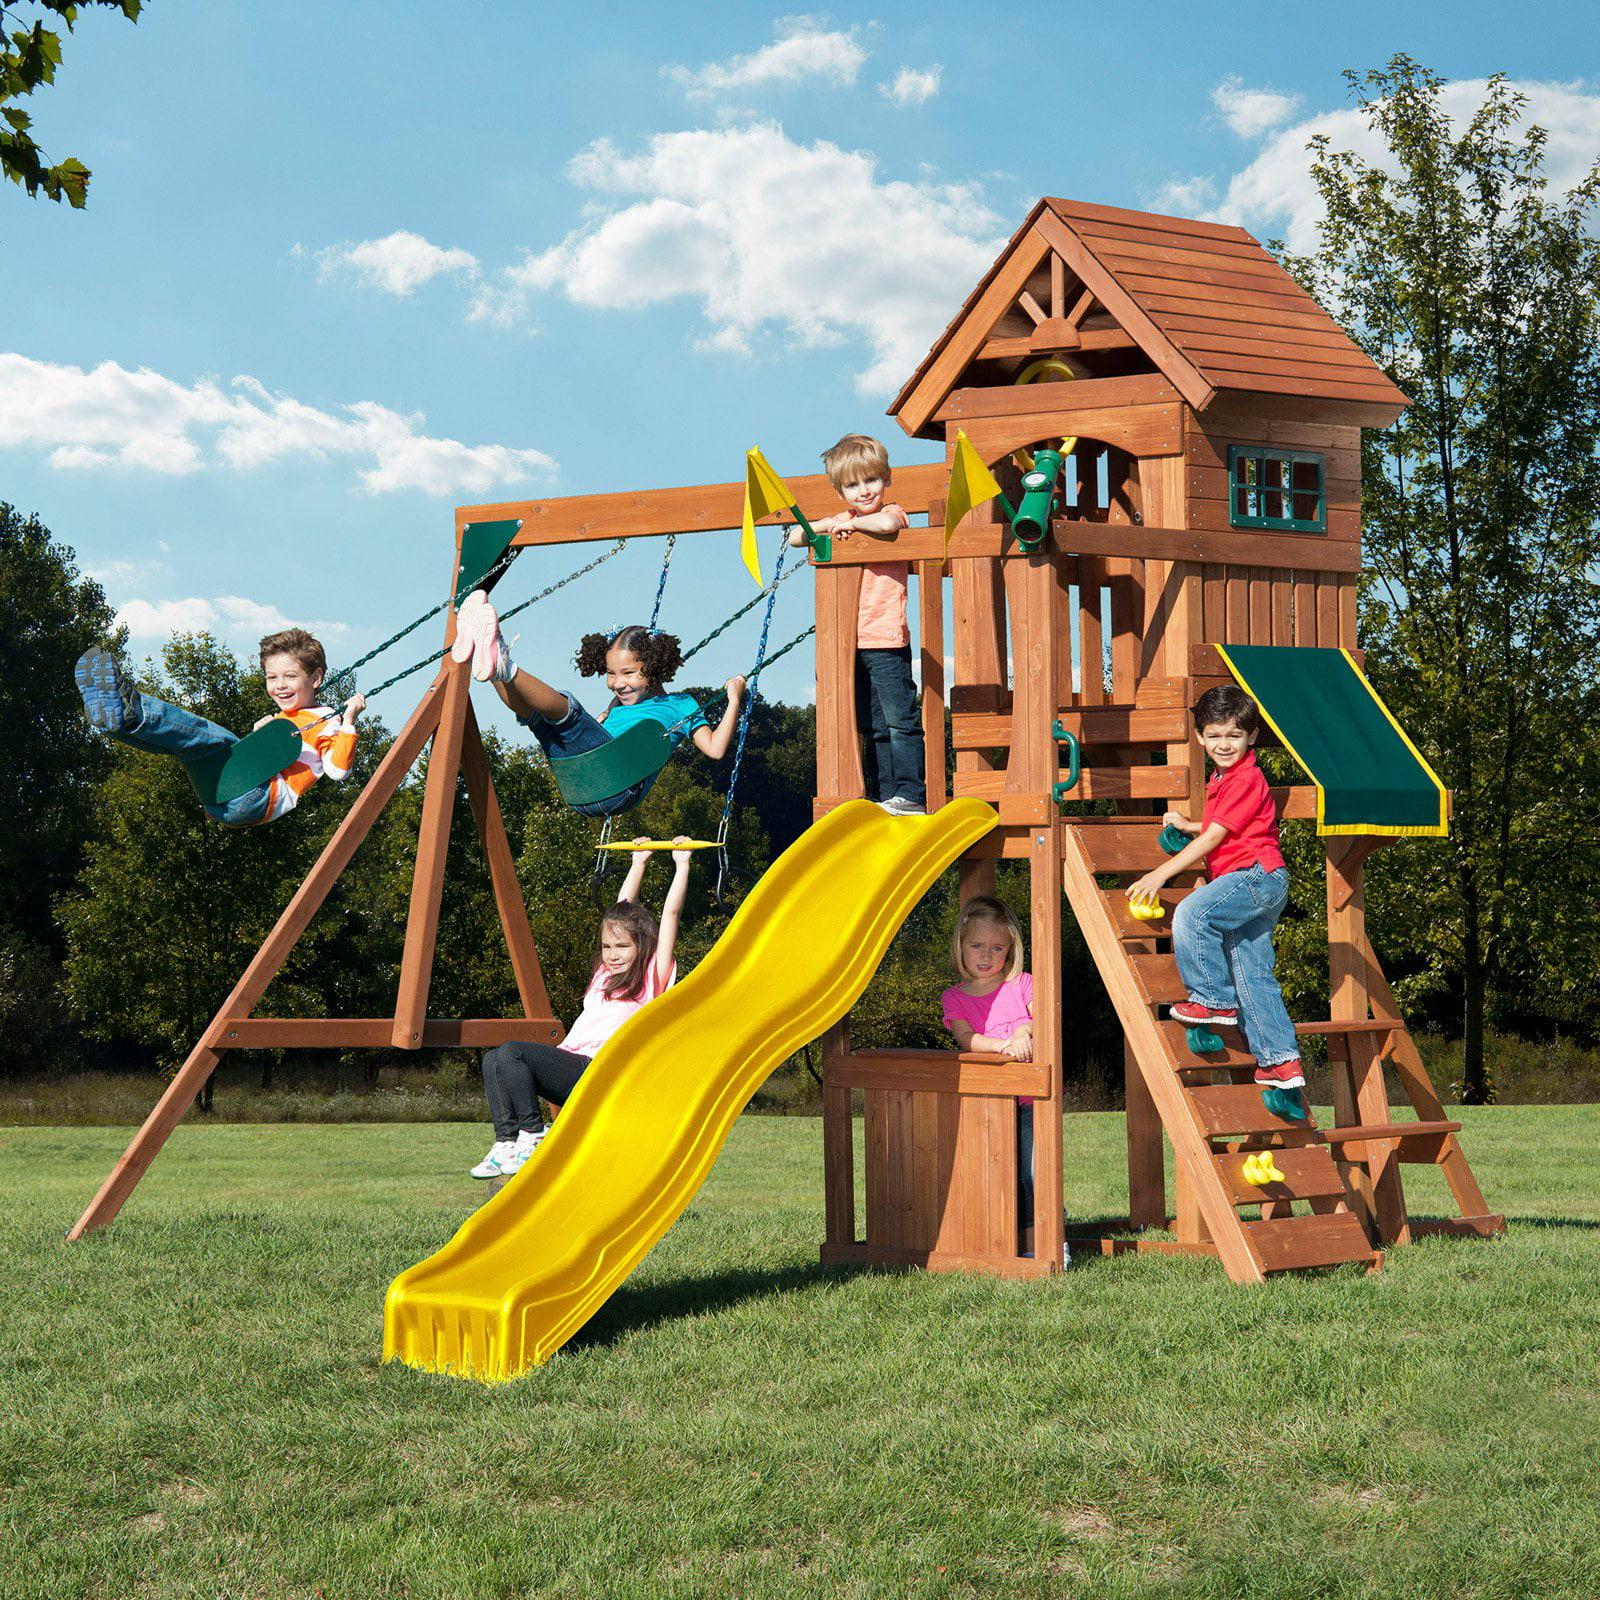 Swing-N-Slide Play Set Backyard Playset Outdoor Yard ...